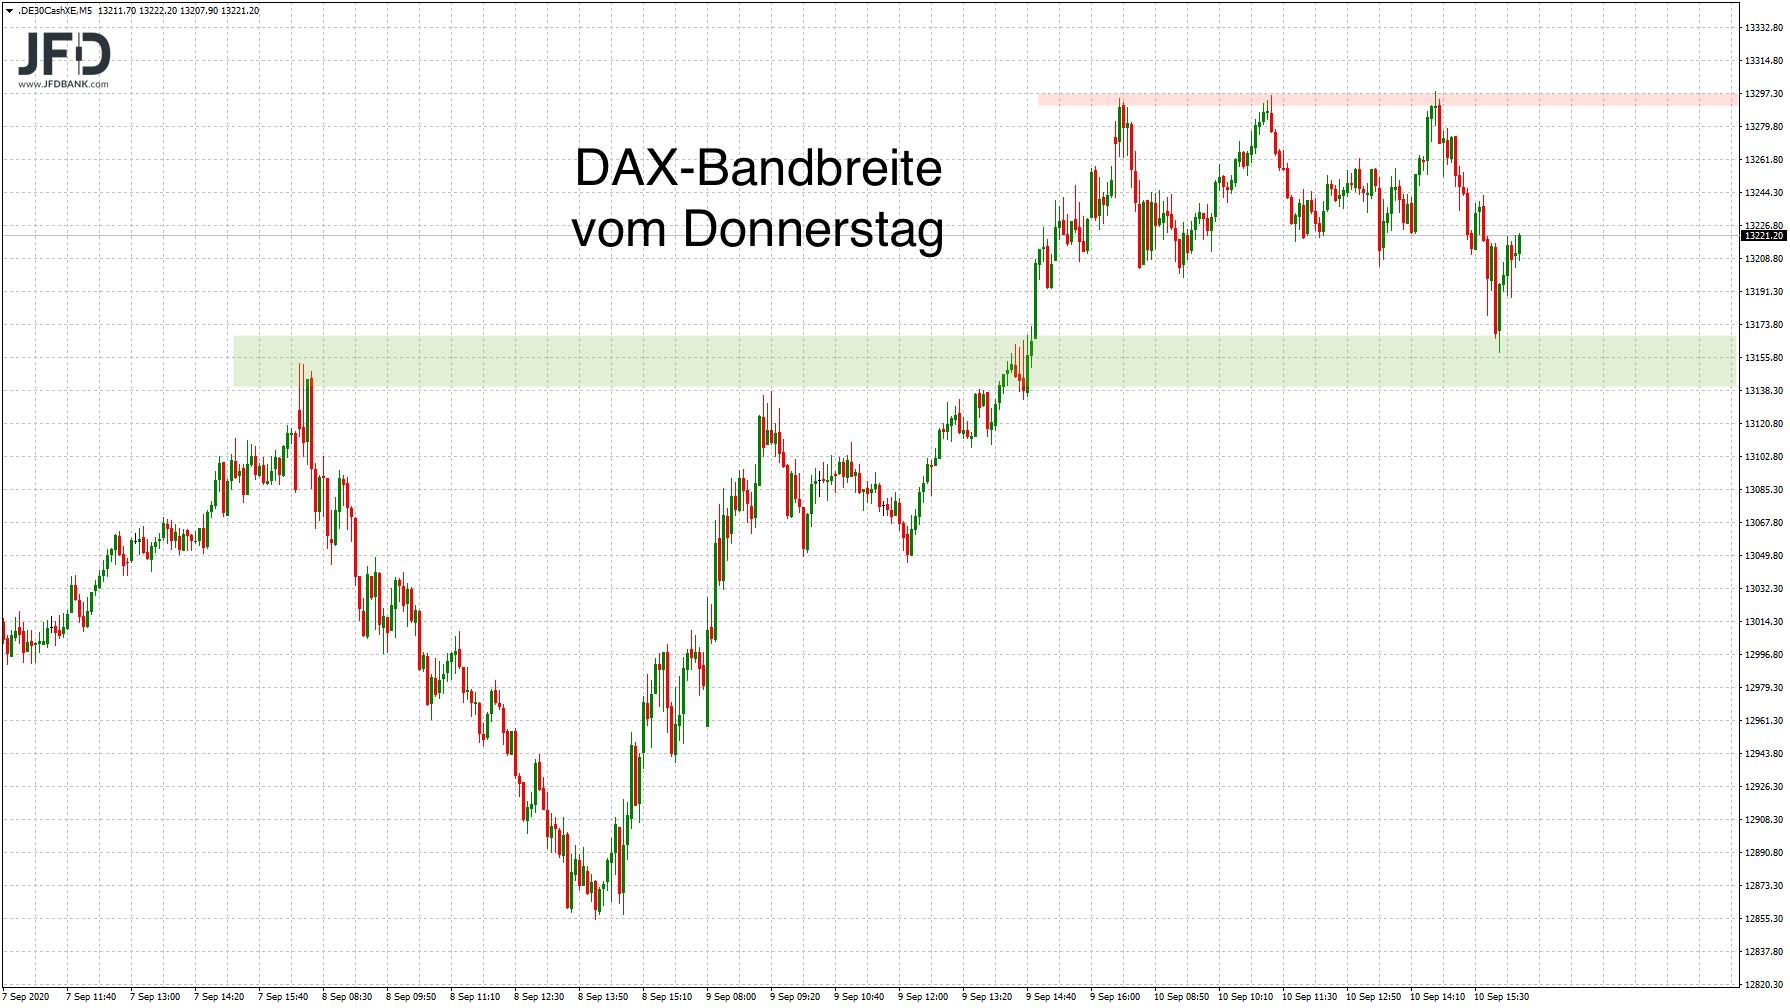 DAX-Bandbreite am EZB-Tag